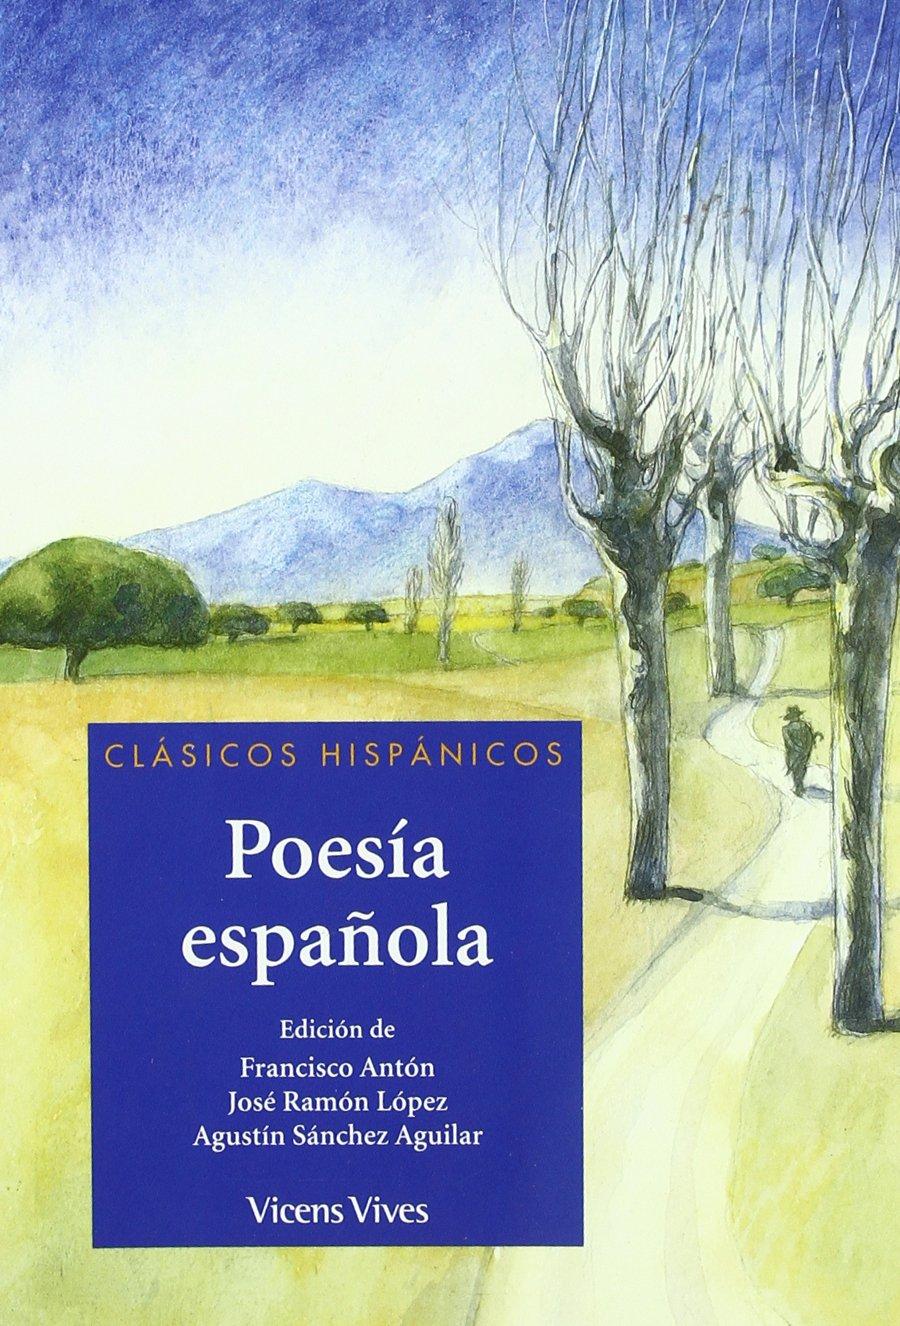 POESIA ESPAÑOLA+ ANEXO CATALUNYA : 000002 Clásicos Hispánicos - 9788431697587: Amazon.es: De Unamuno, Miguel, Machado, Antonio: Libros